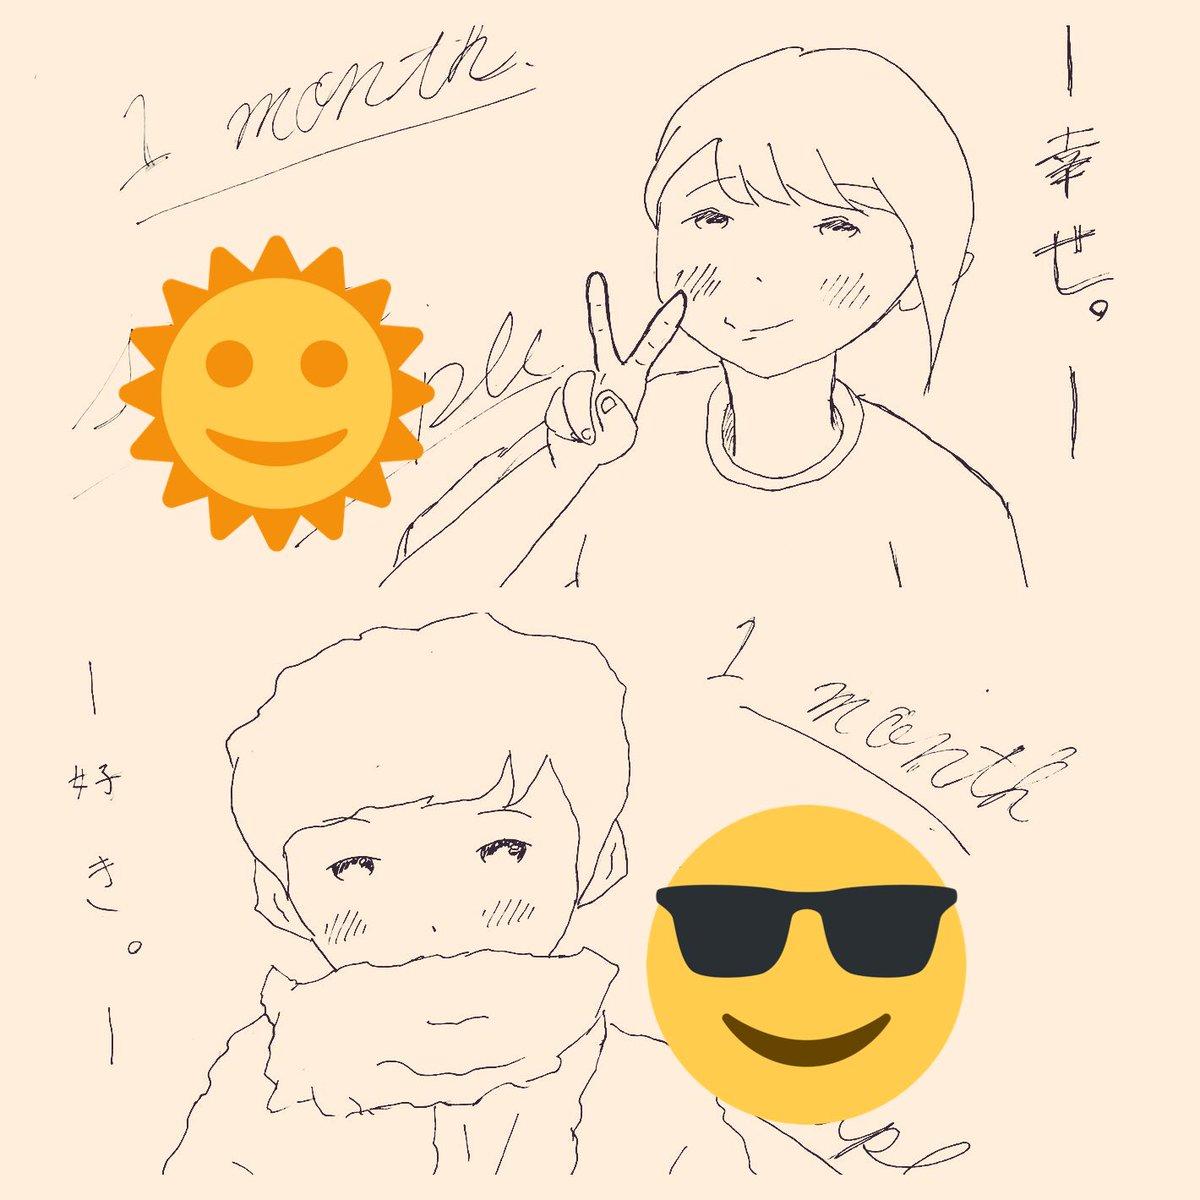 """愛 叶 。 on twitter: """"カップル描きました…。 今回はちょっと急いで"""